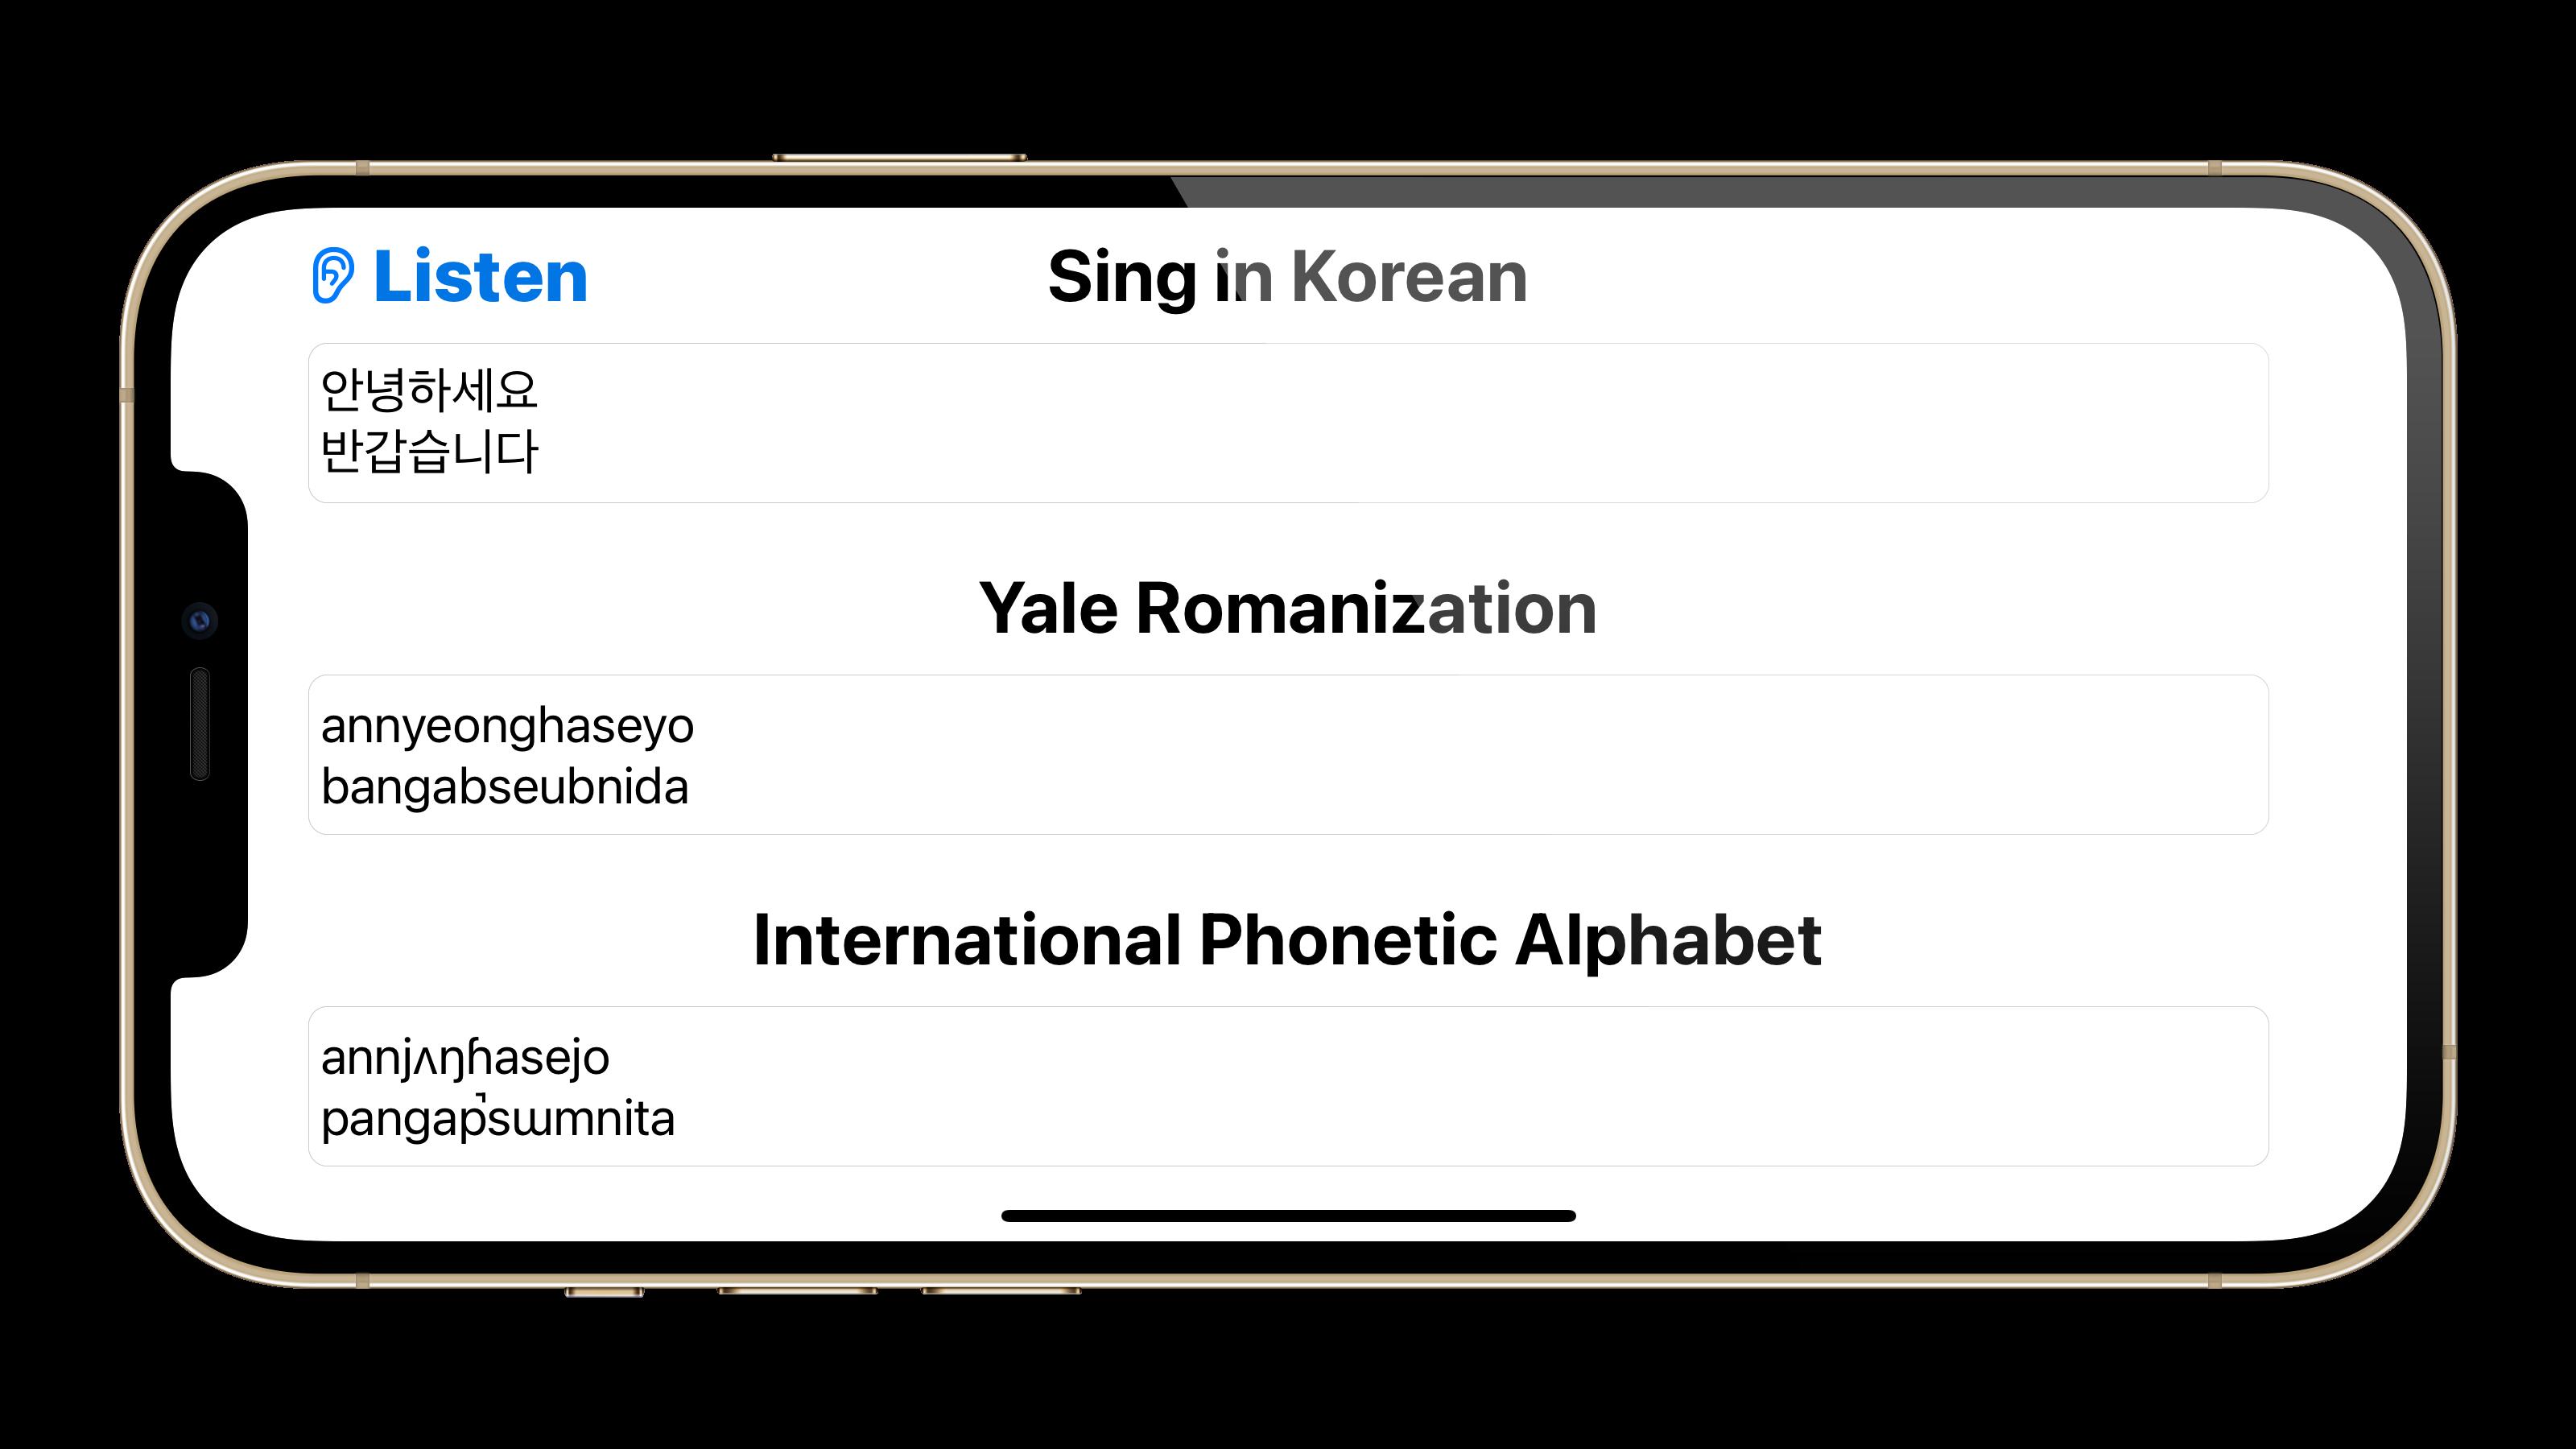 Sing in Korean